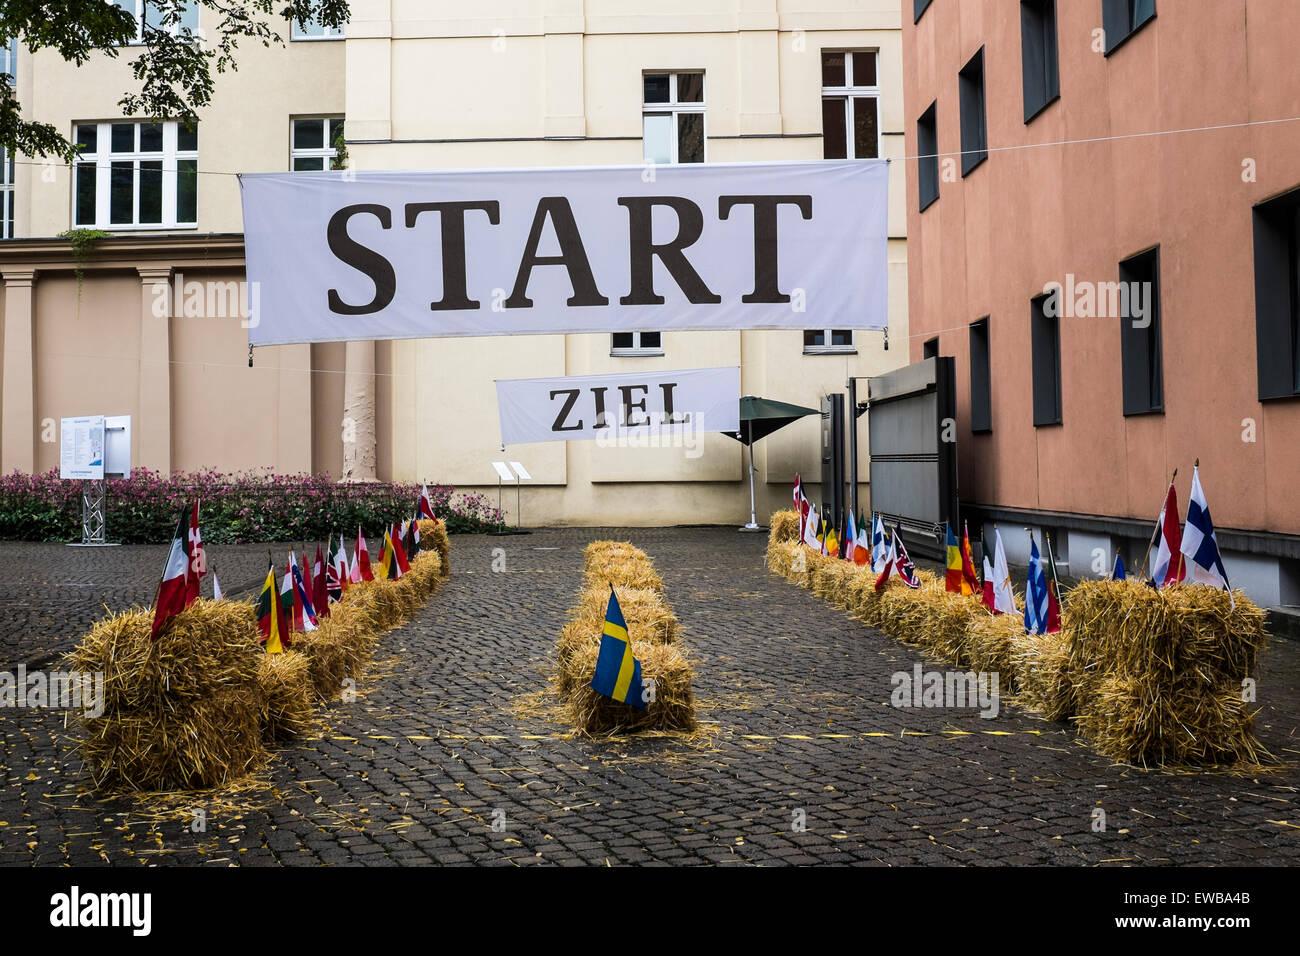 Start and finish - Stock Image